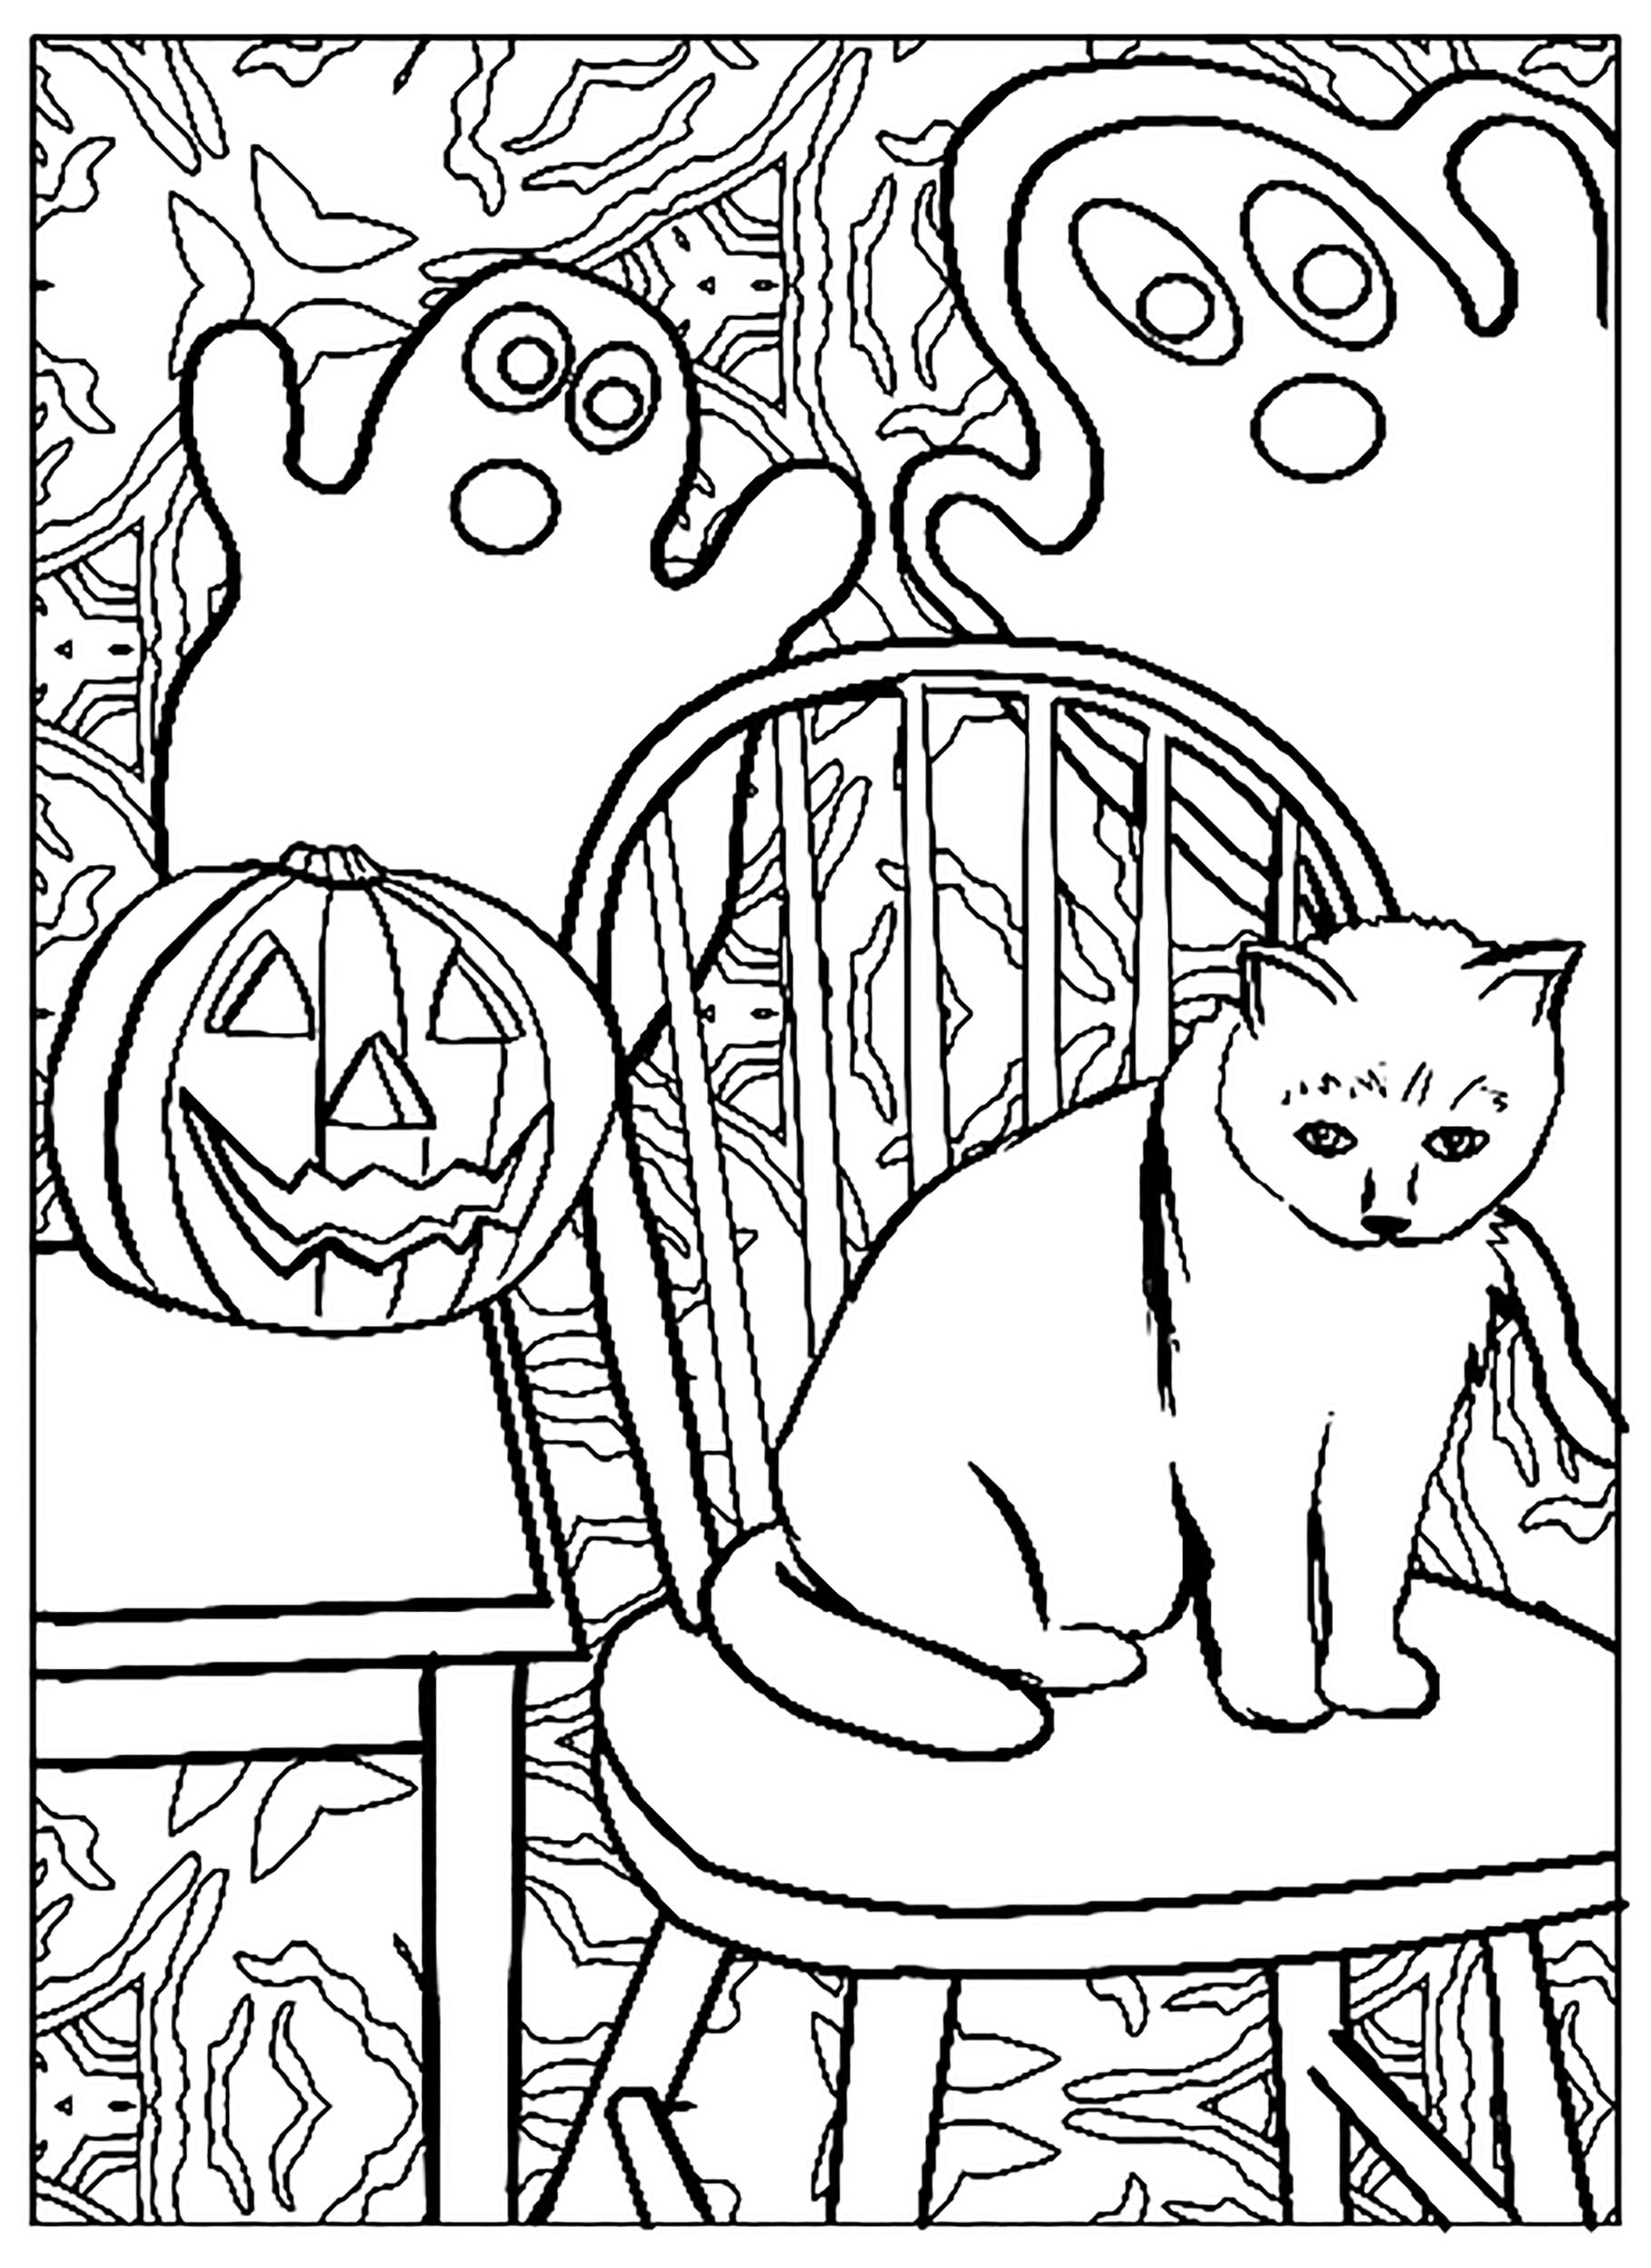 Super coloriage de chat assez simple